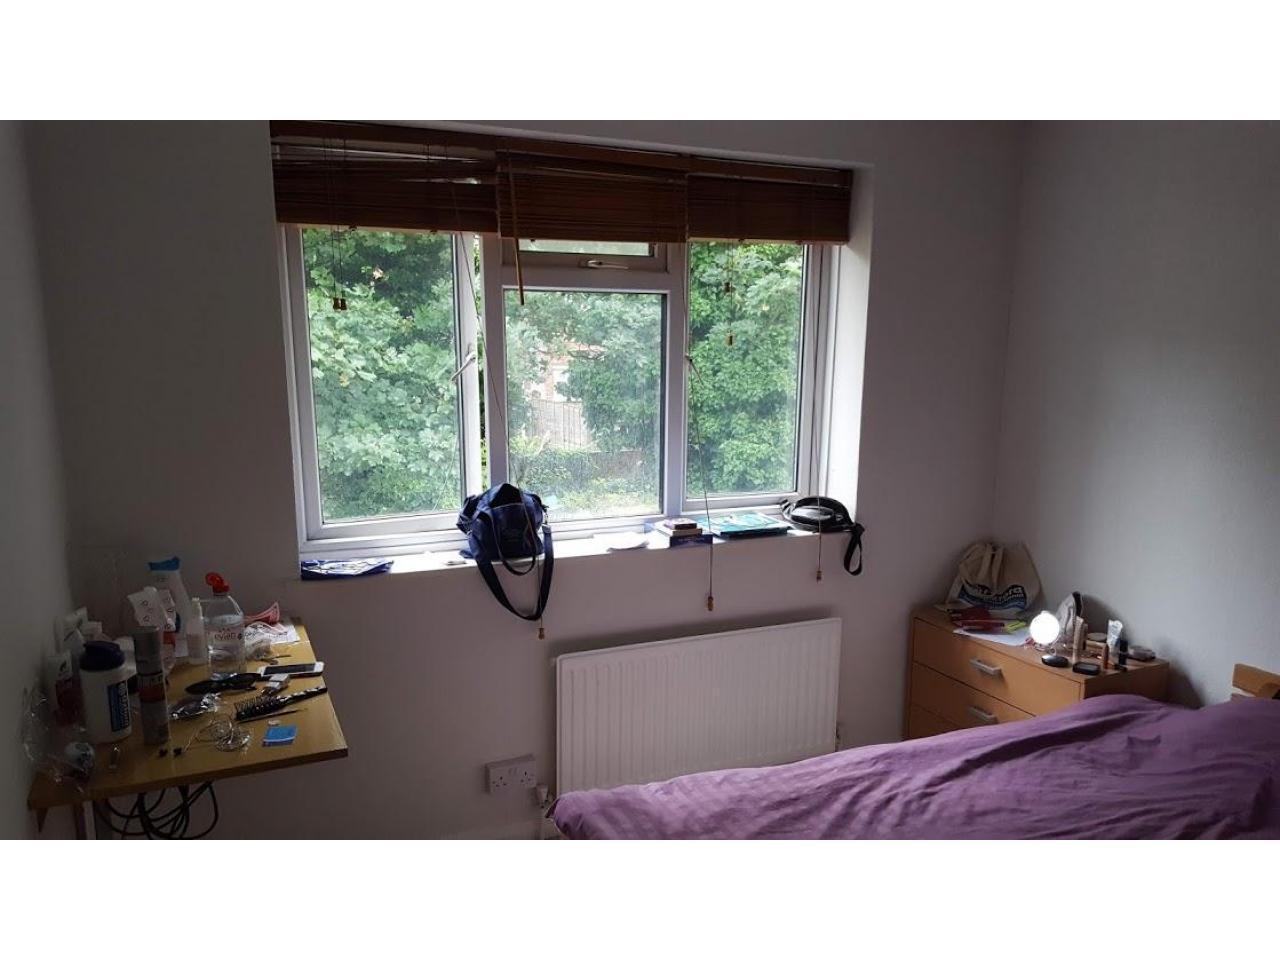 Сдаётся двухместная, чистая комнатa для девушки - 4